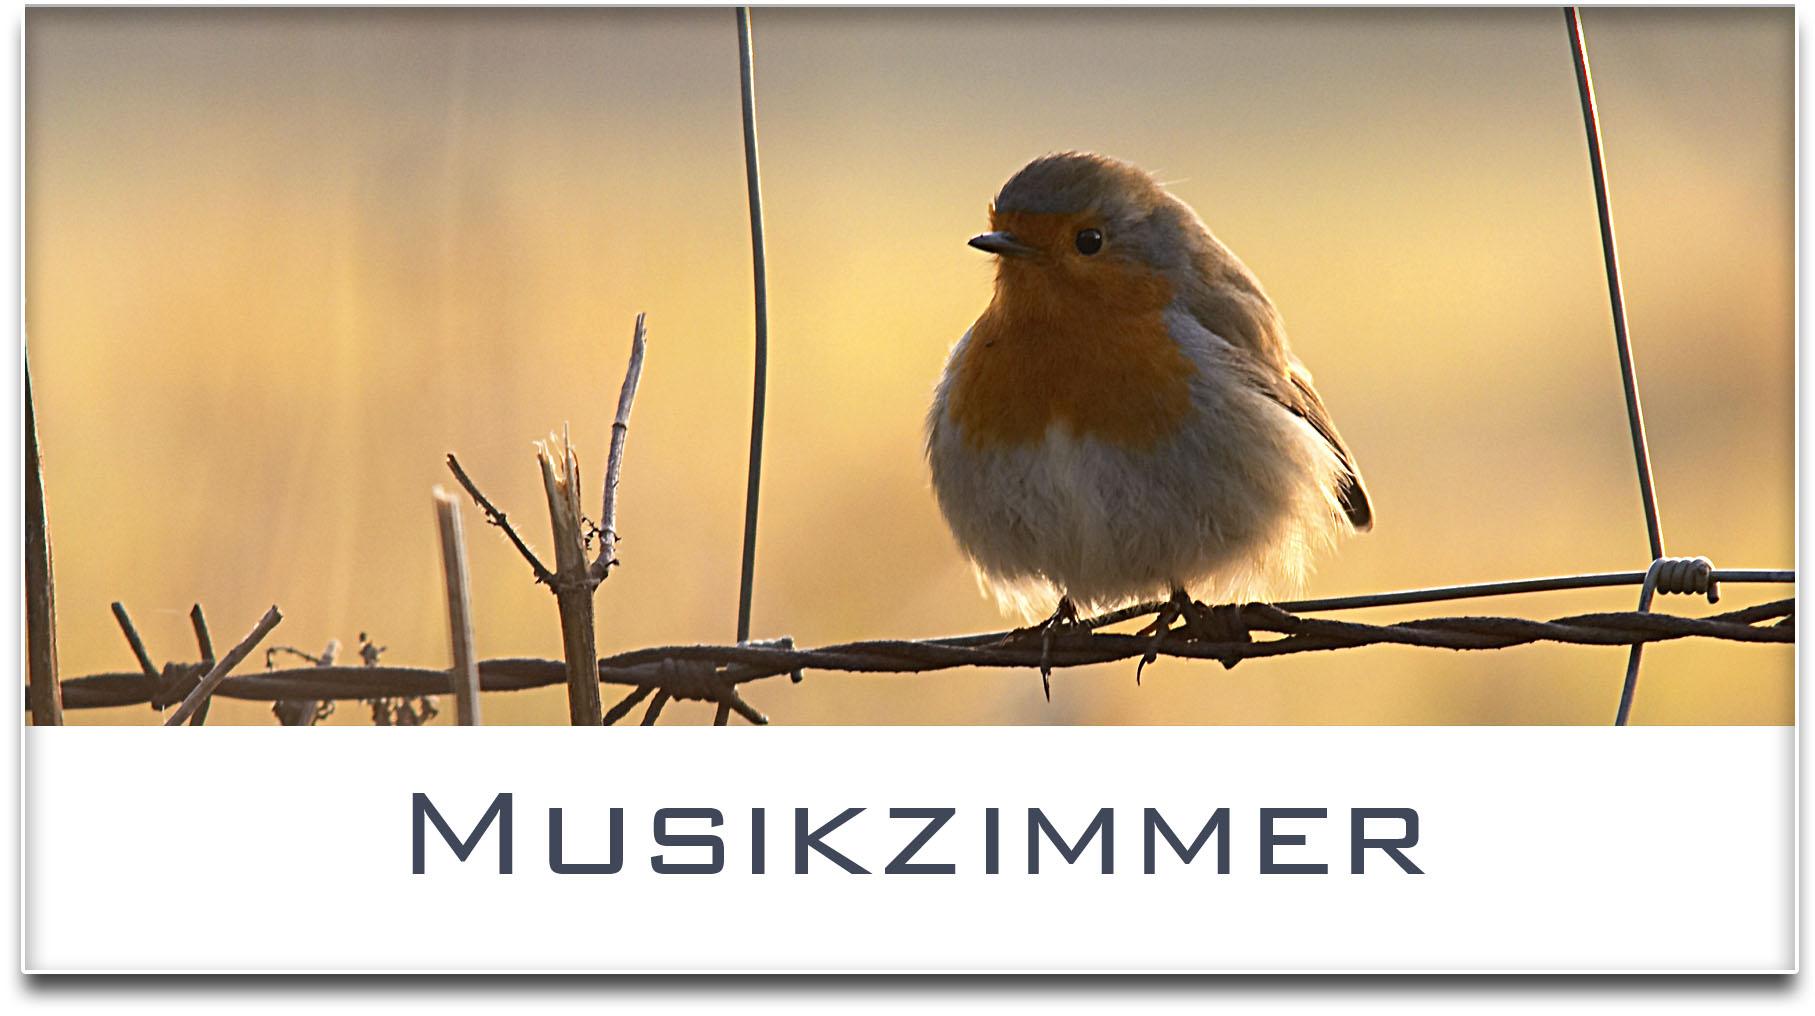 Türschild / Haustürschild / Rotkehlchen / Musikzimmer / Selbstklebend